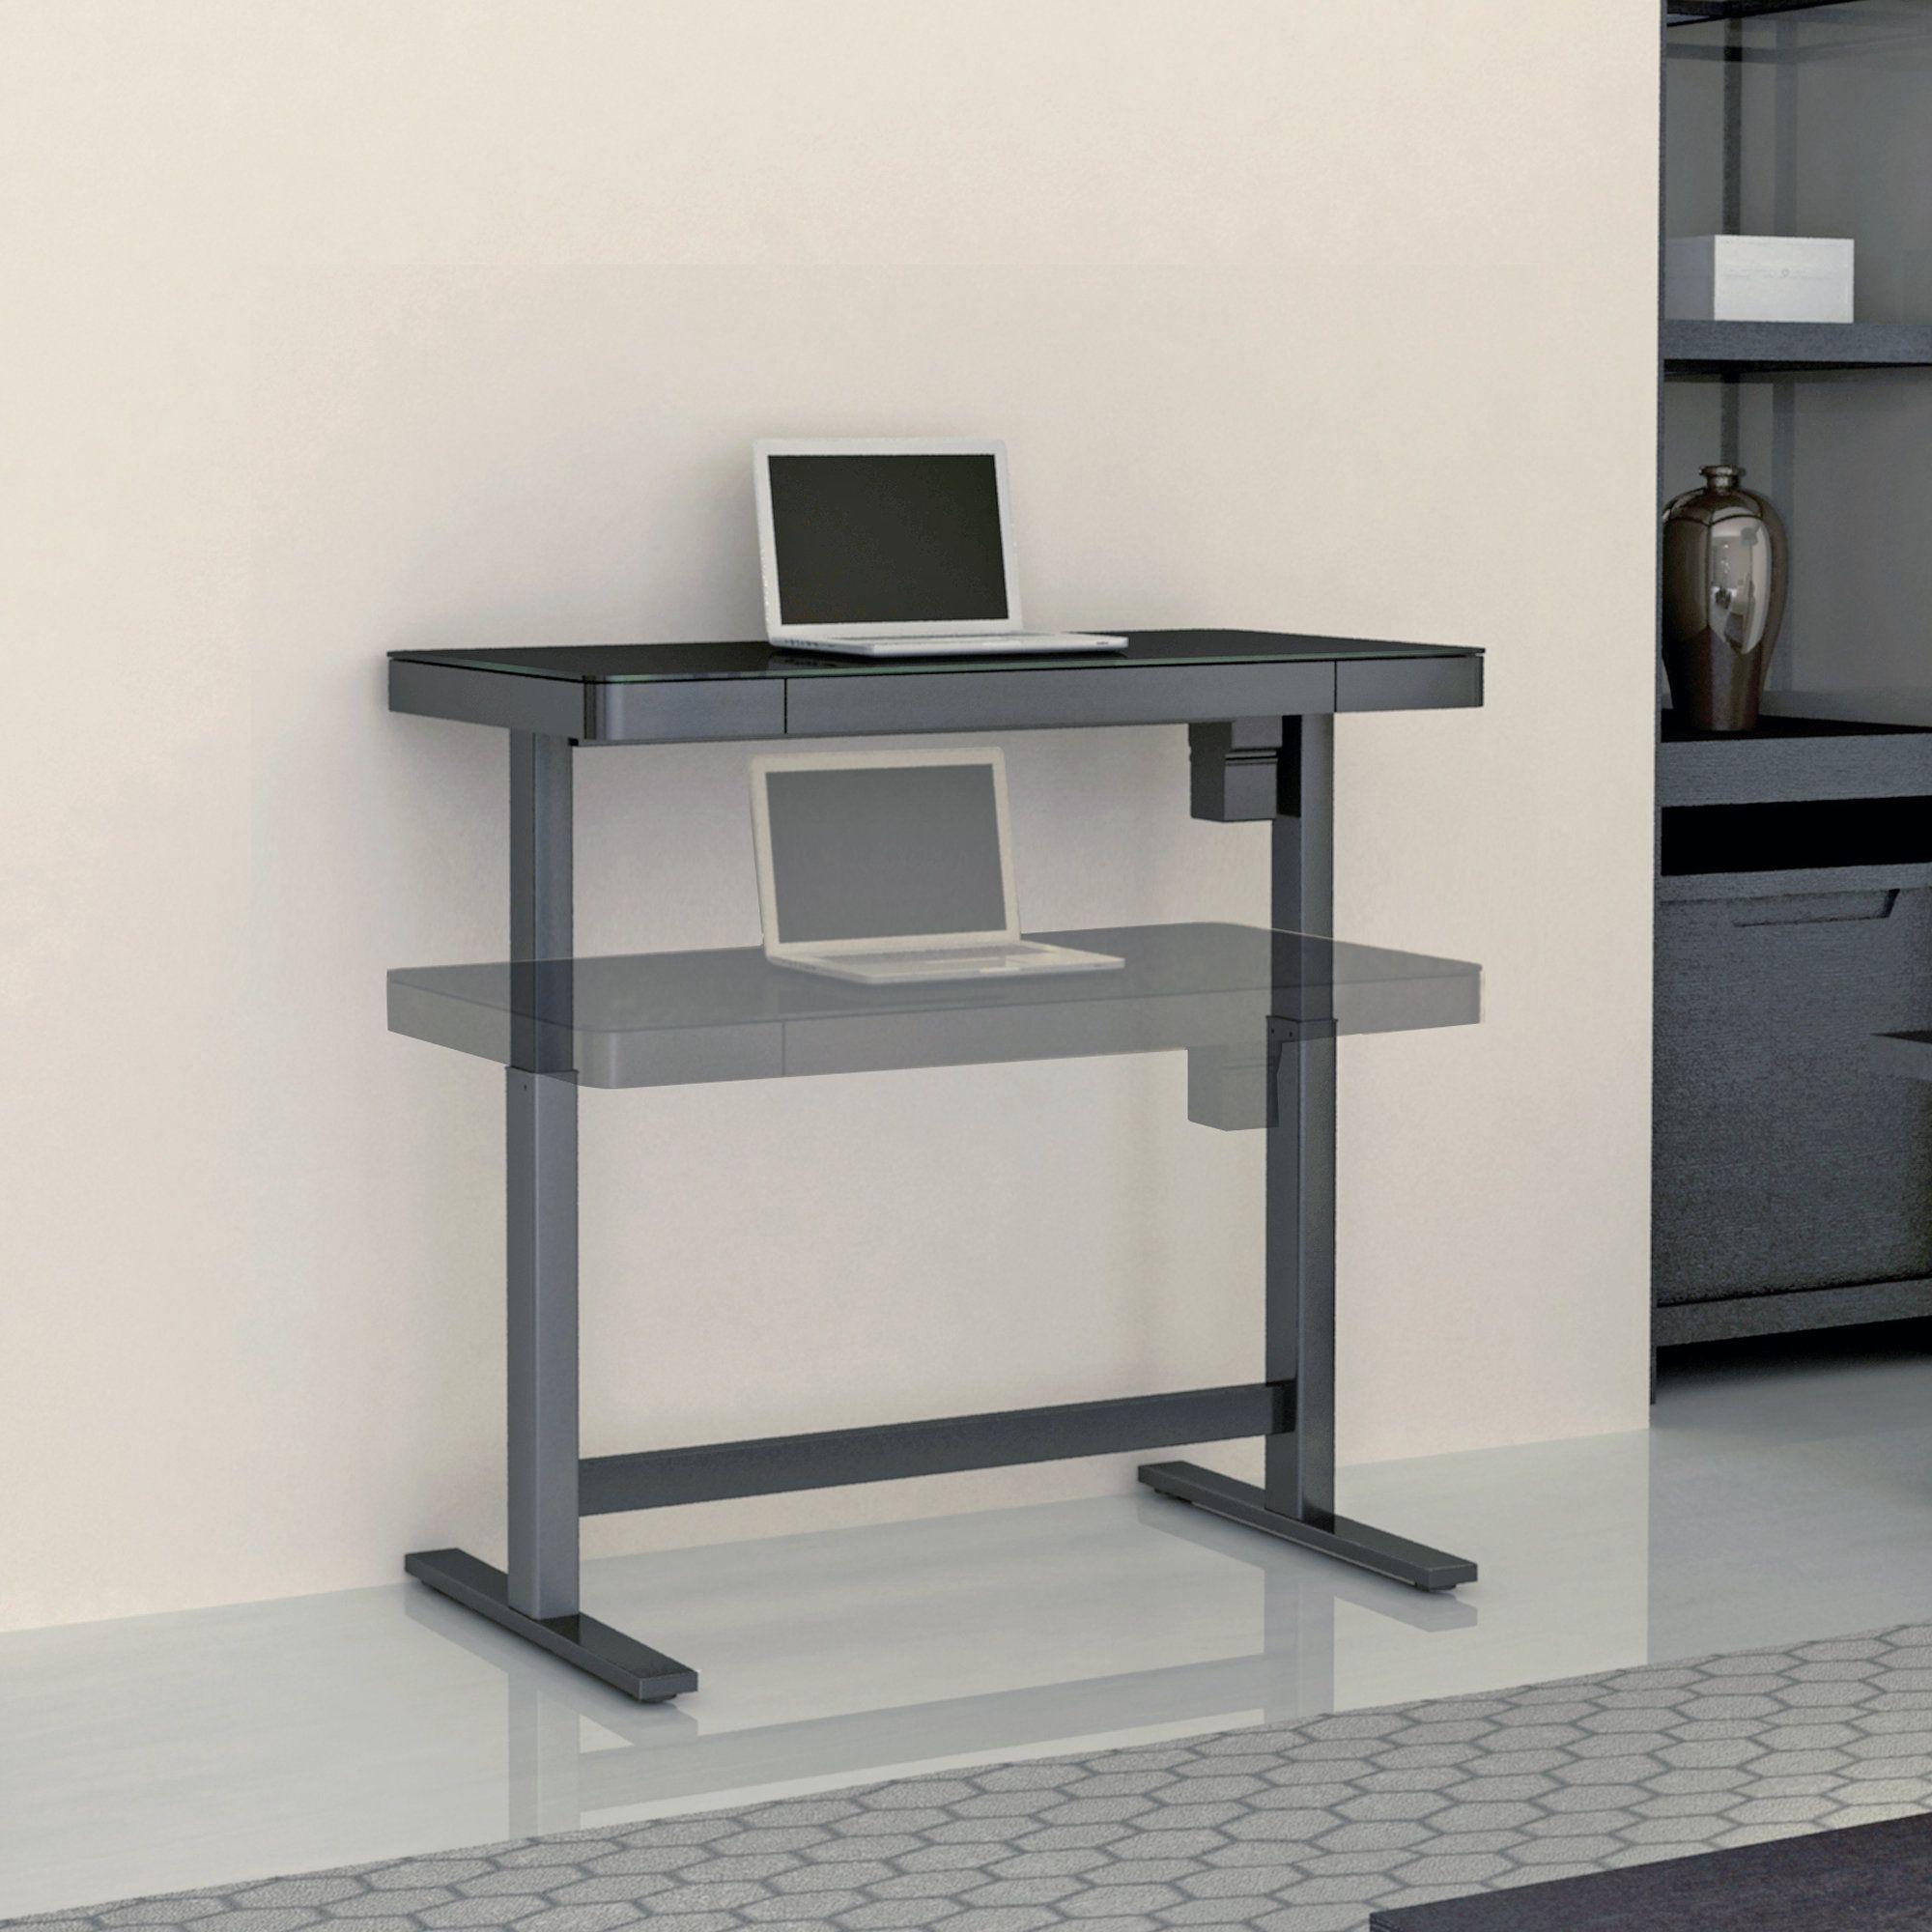 Adjustable Standing Desk Furniture Desk Office Furniture